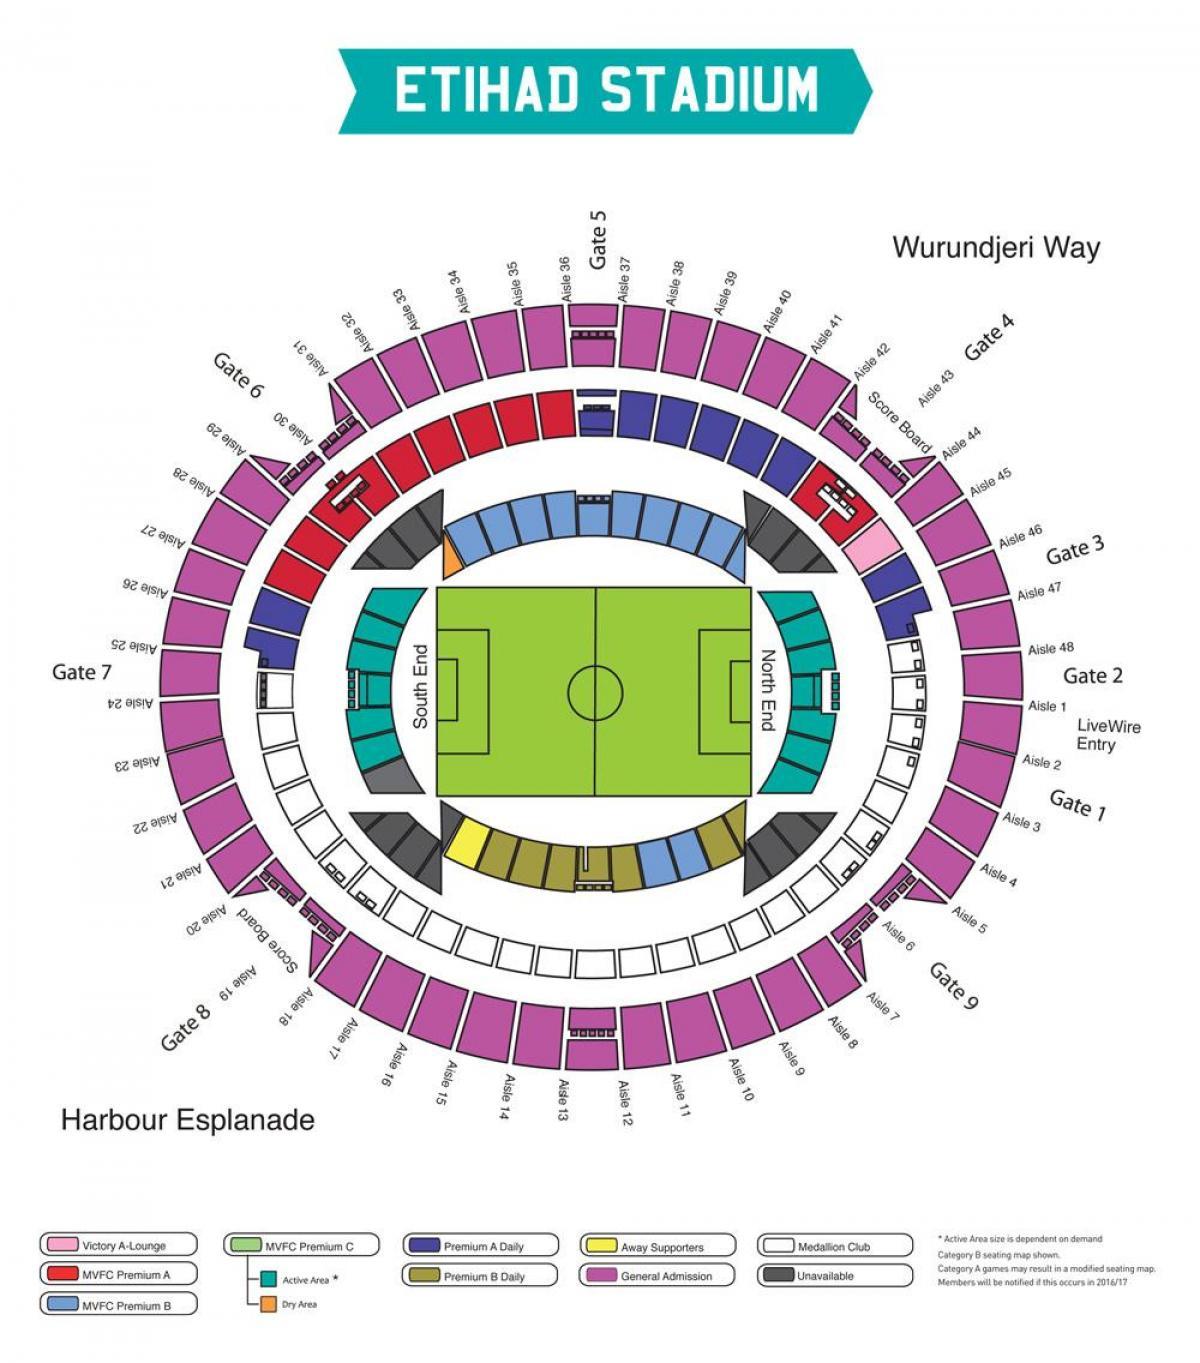 Etihad stadium Melbourne Karte - Karte der Etihad-Stadion in Melbourne  (Australien)